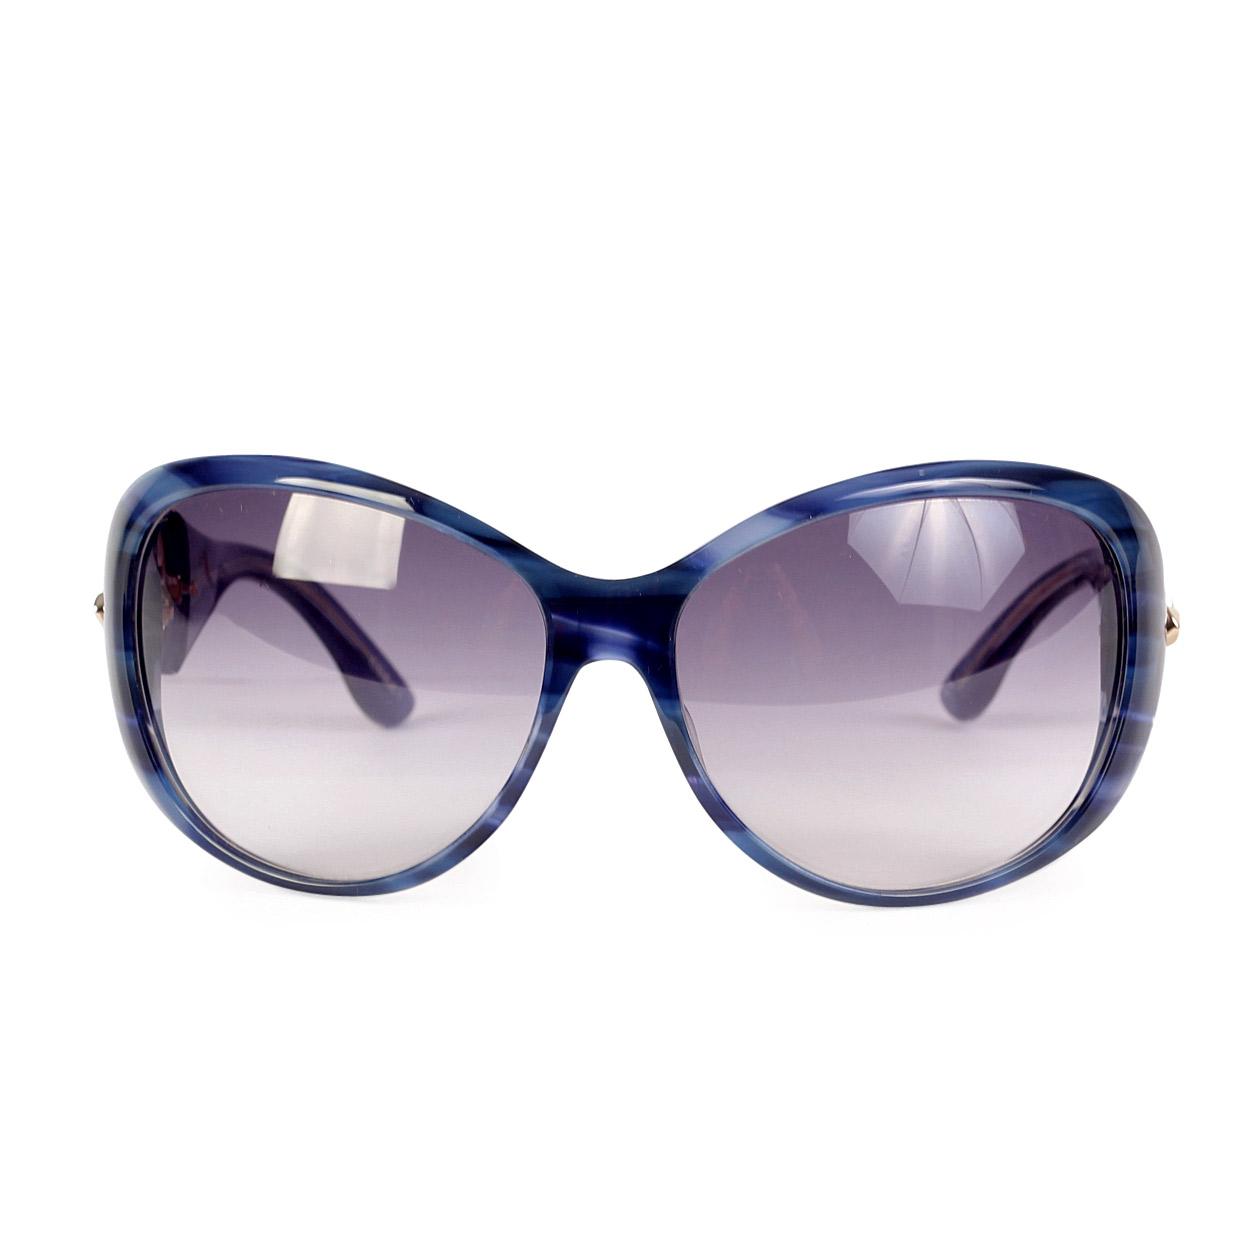 Purple Gucci Sunglasses  gucci sunglasses gg3030 blue marble luxity